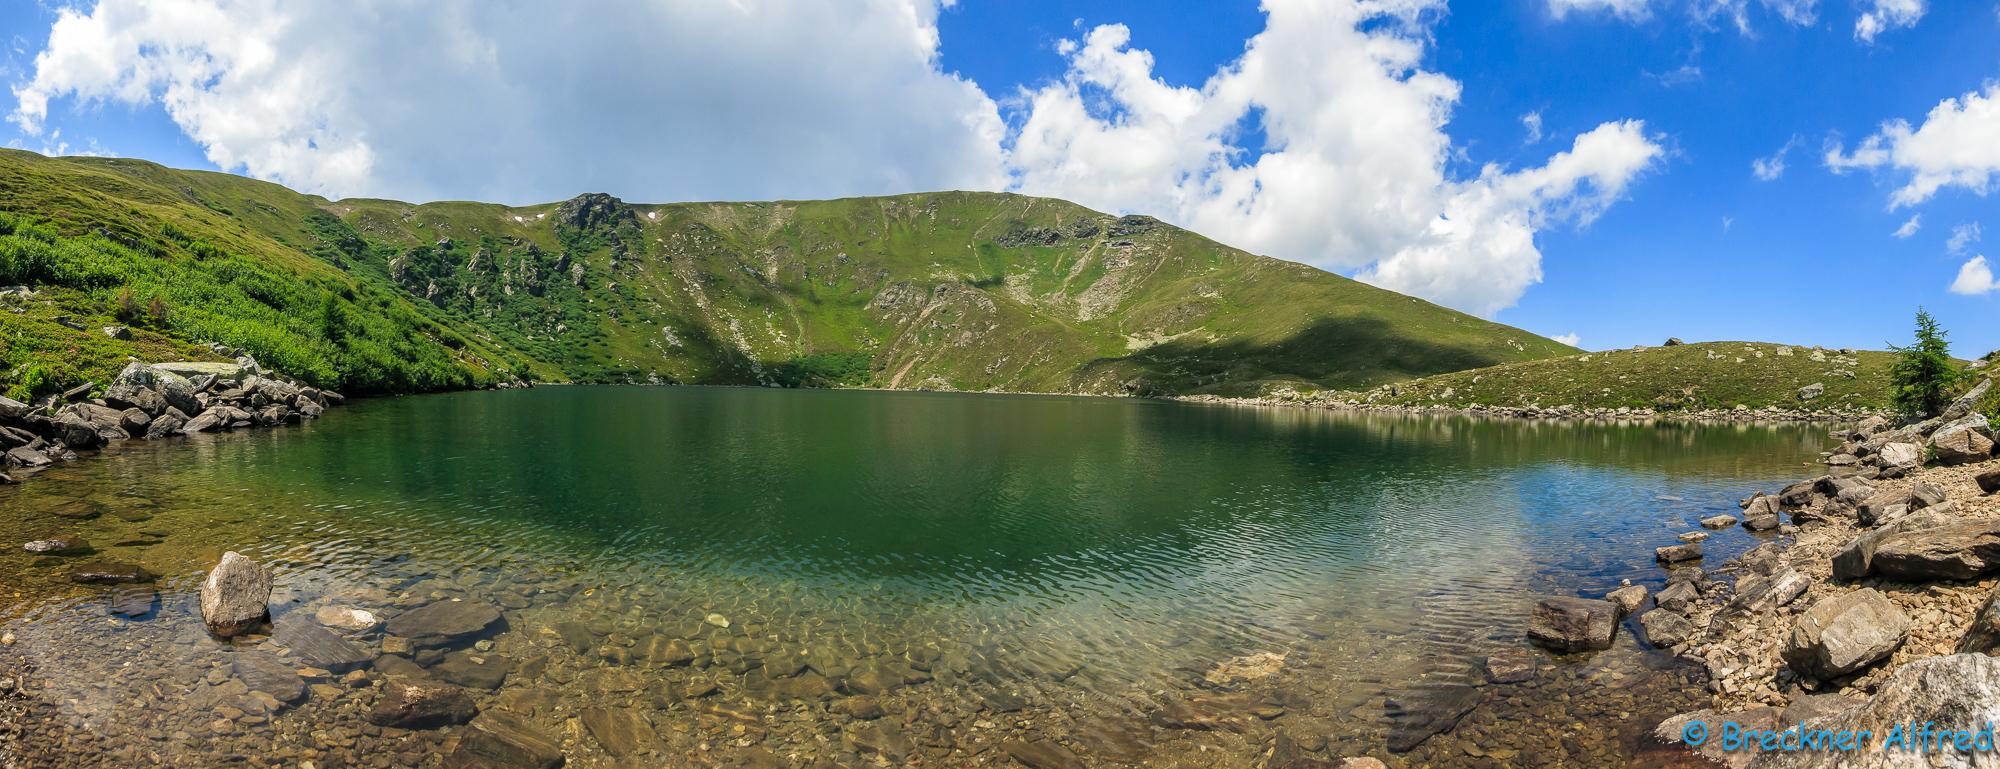 Panorama Wildsee